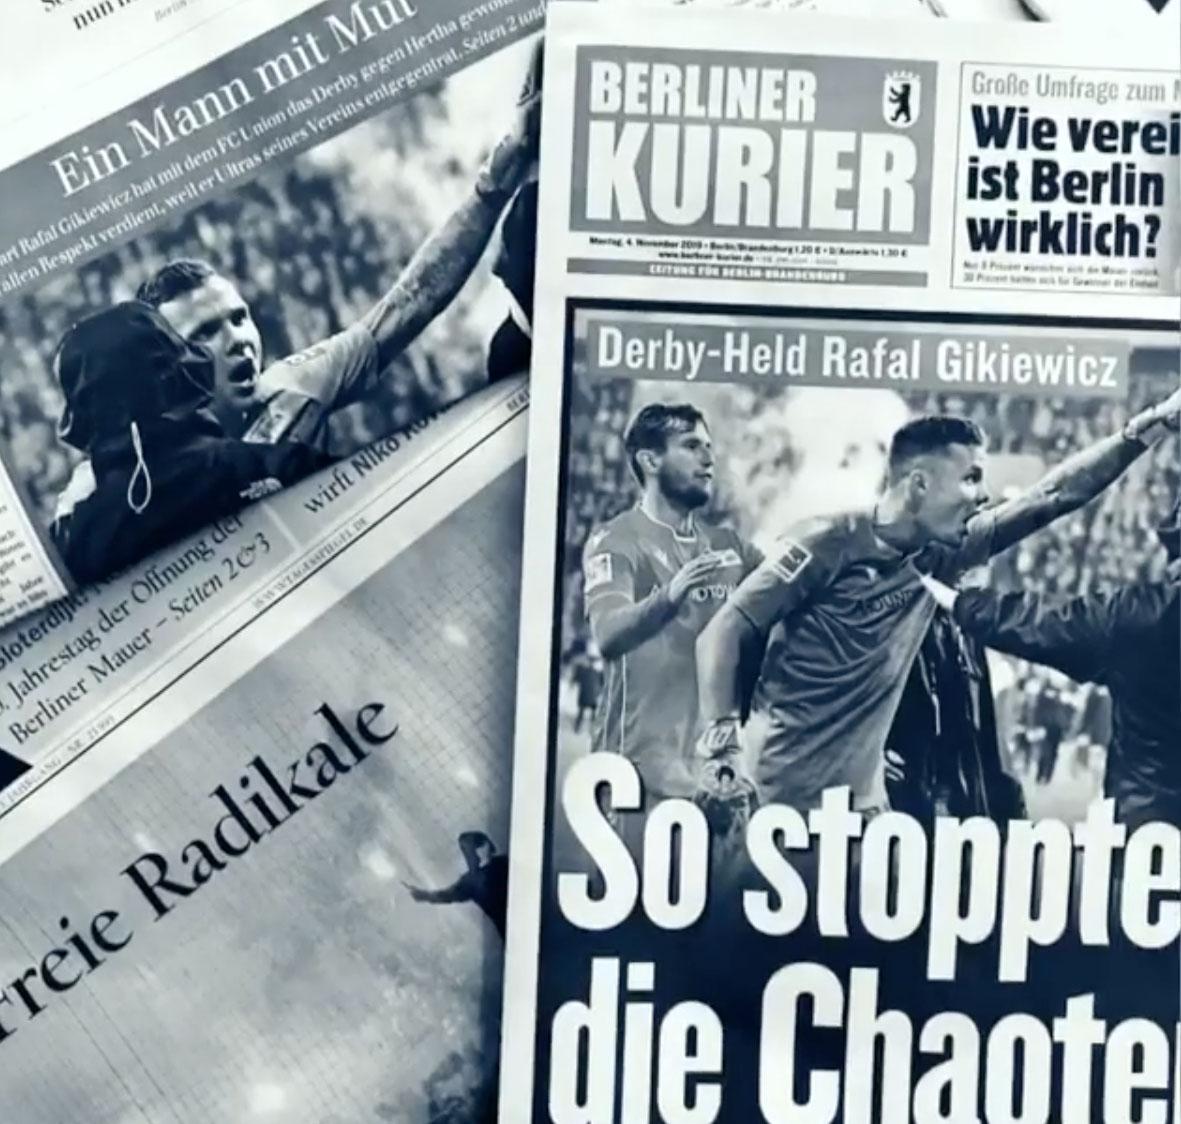 Medienberichterstattung nach dem Berliner Derby